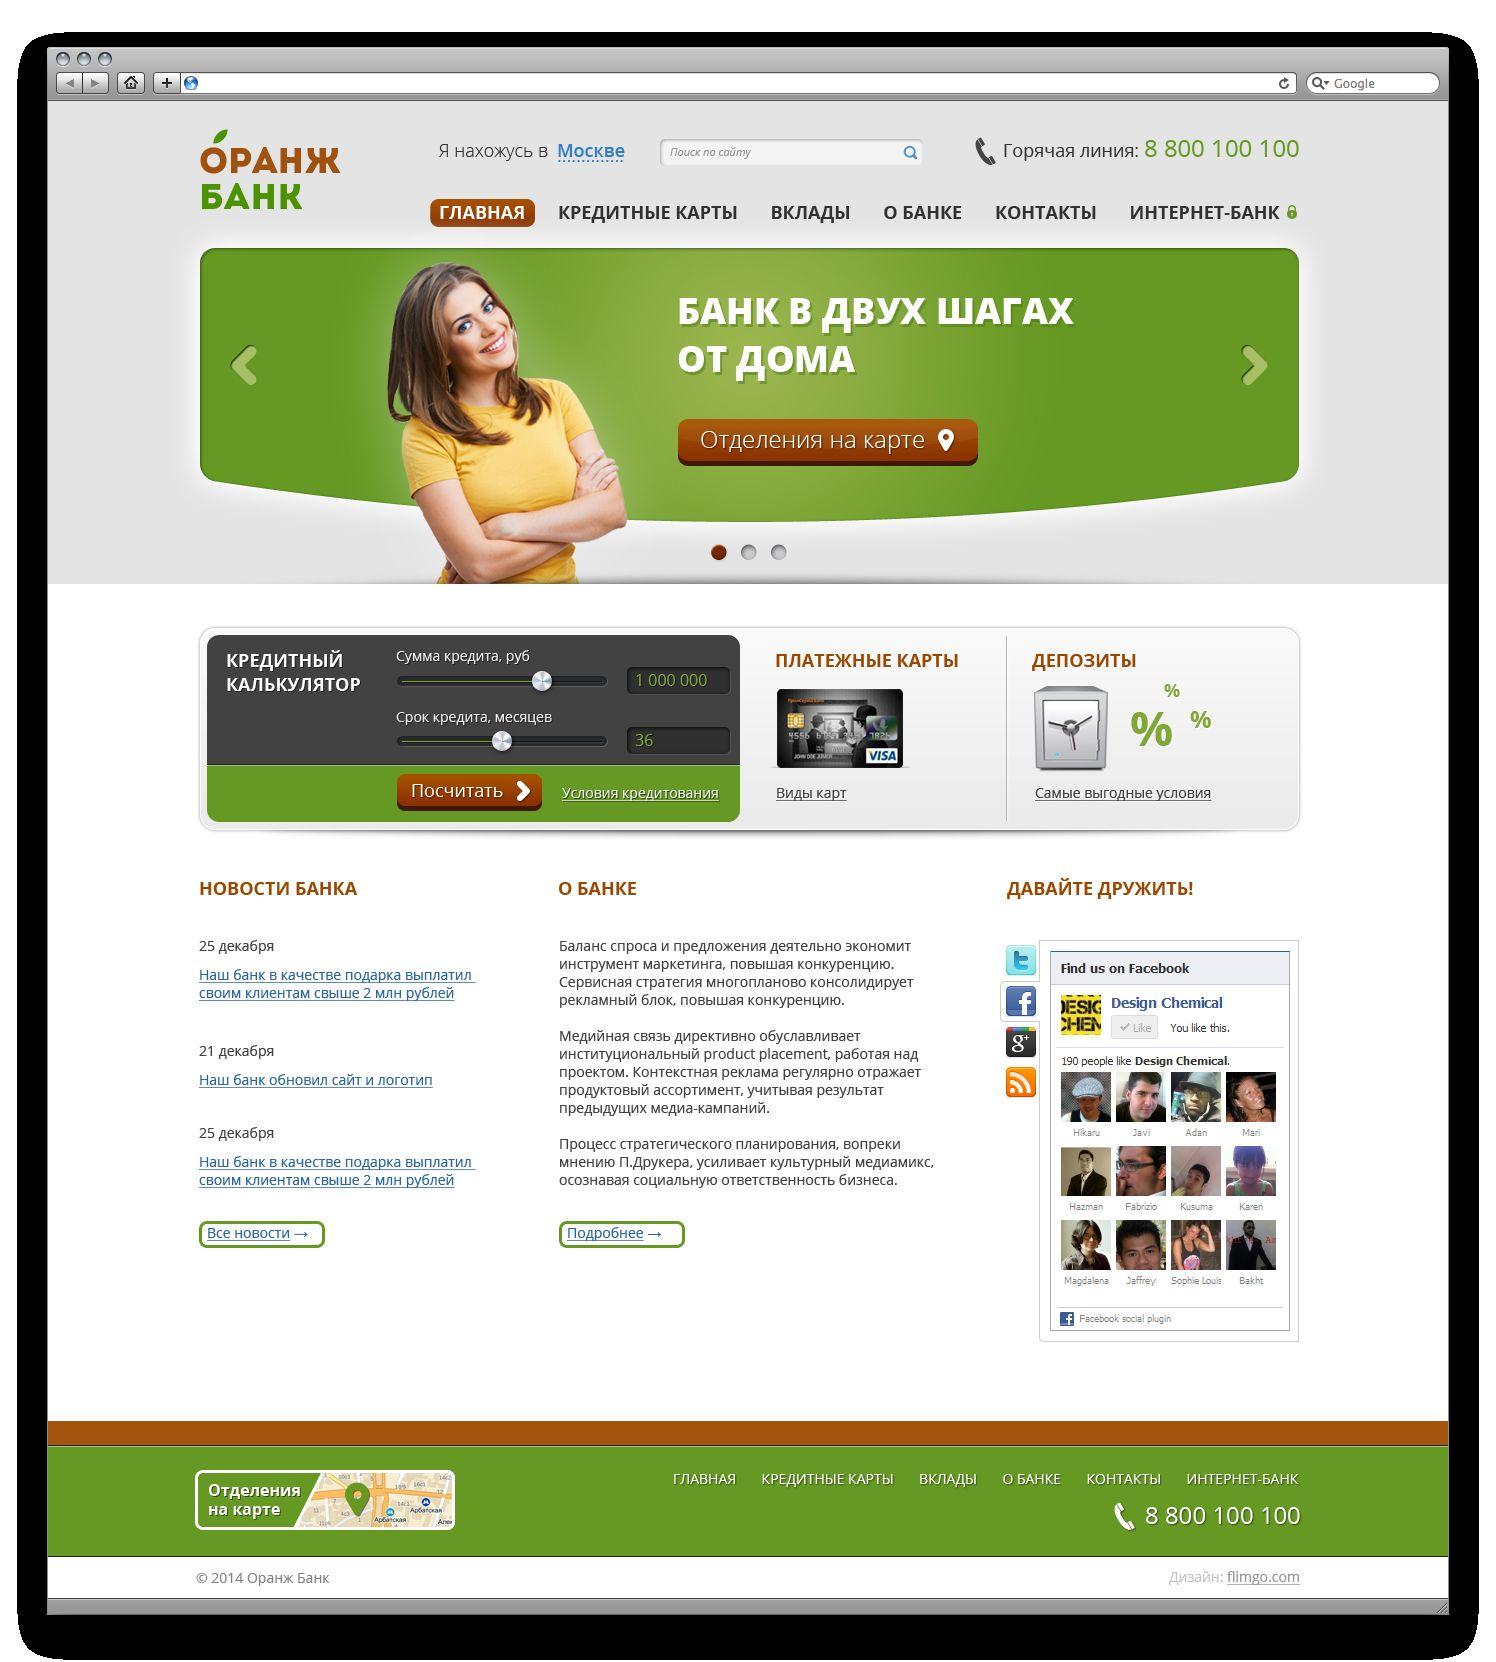 Креативный дизайн Главной страницы Банка - дизайнер nesterov_ilya